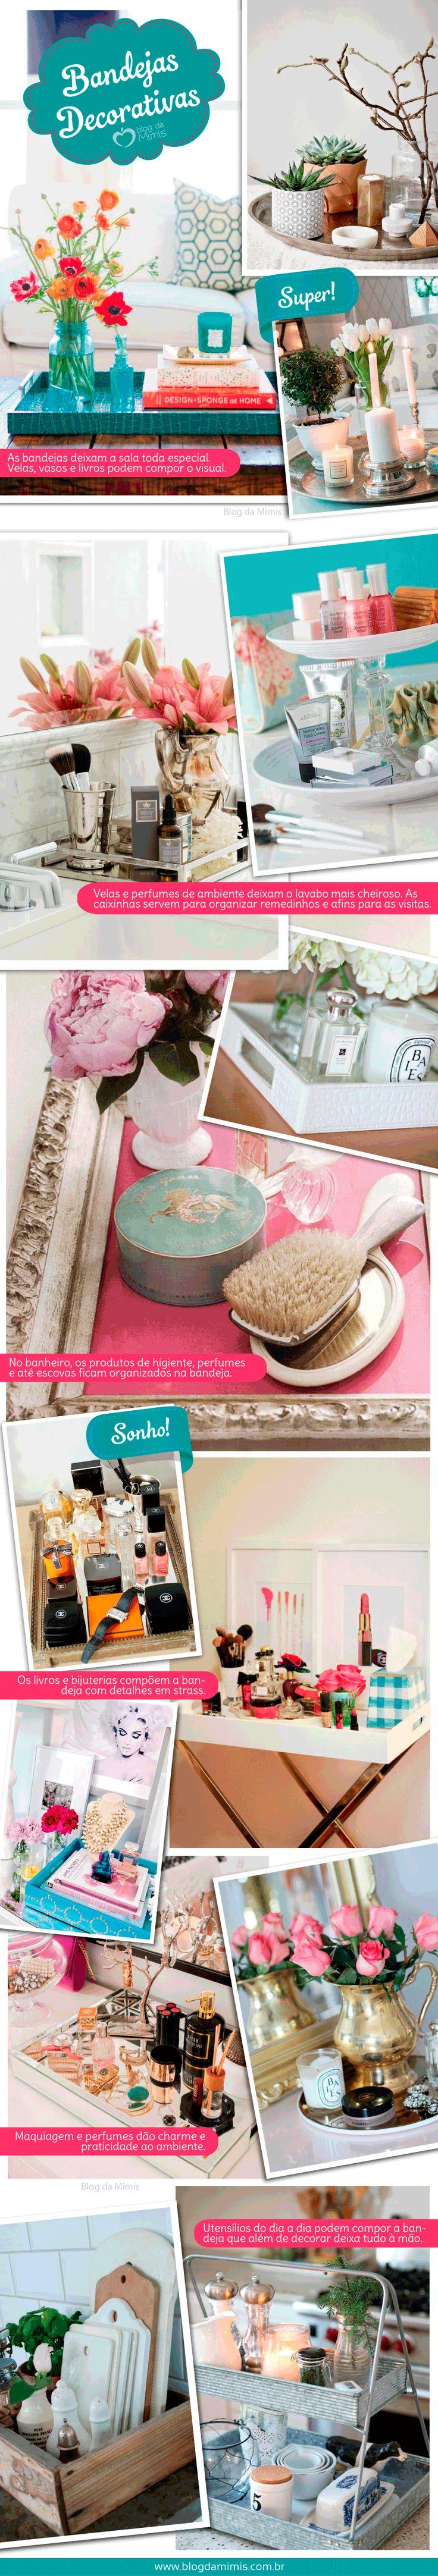 bandejas-decorativas-blog-da-mimis-michelle-franzoni-post.gif (900×5297)